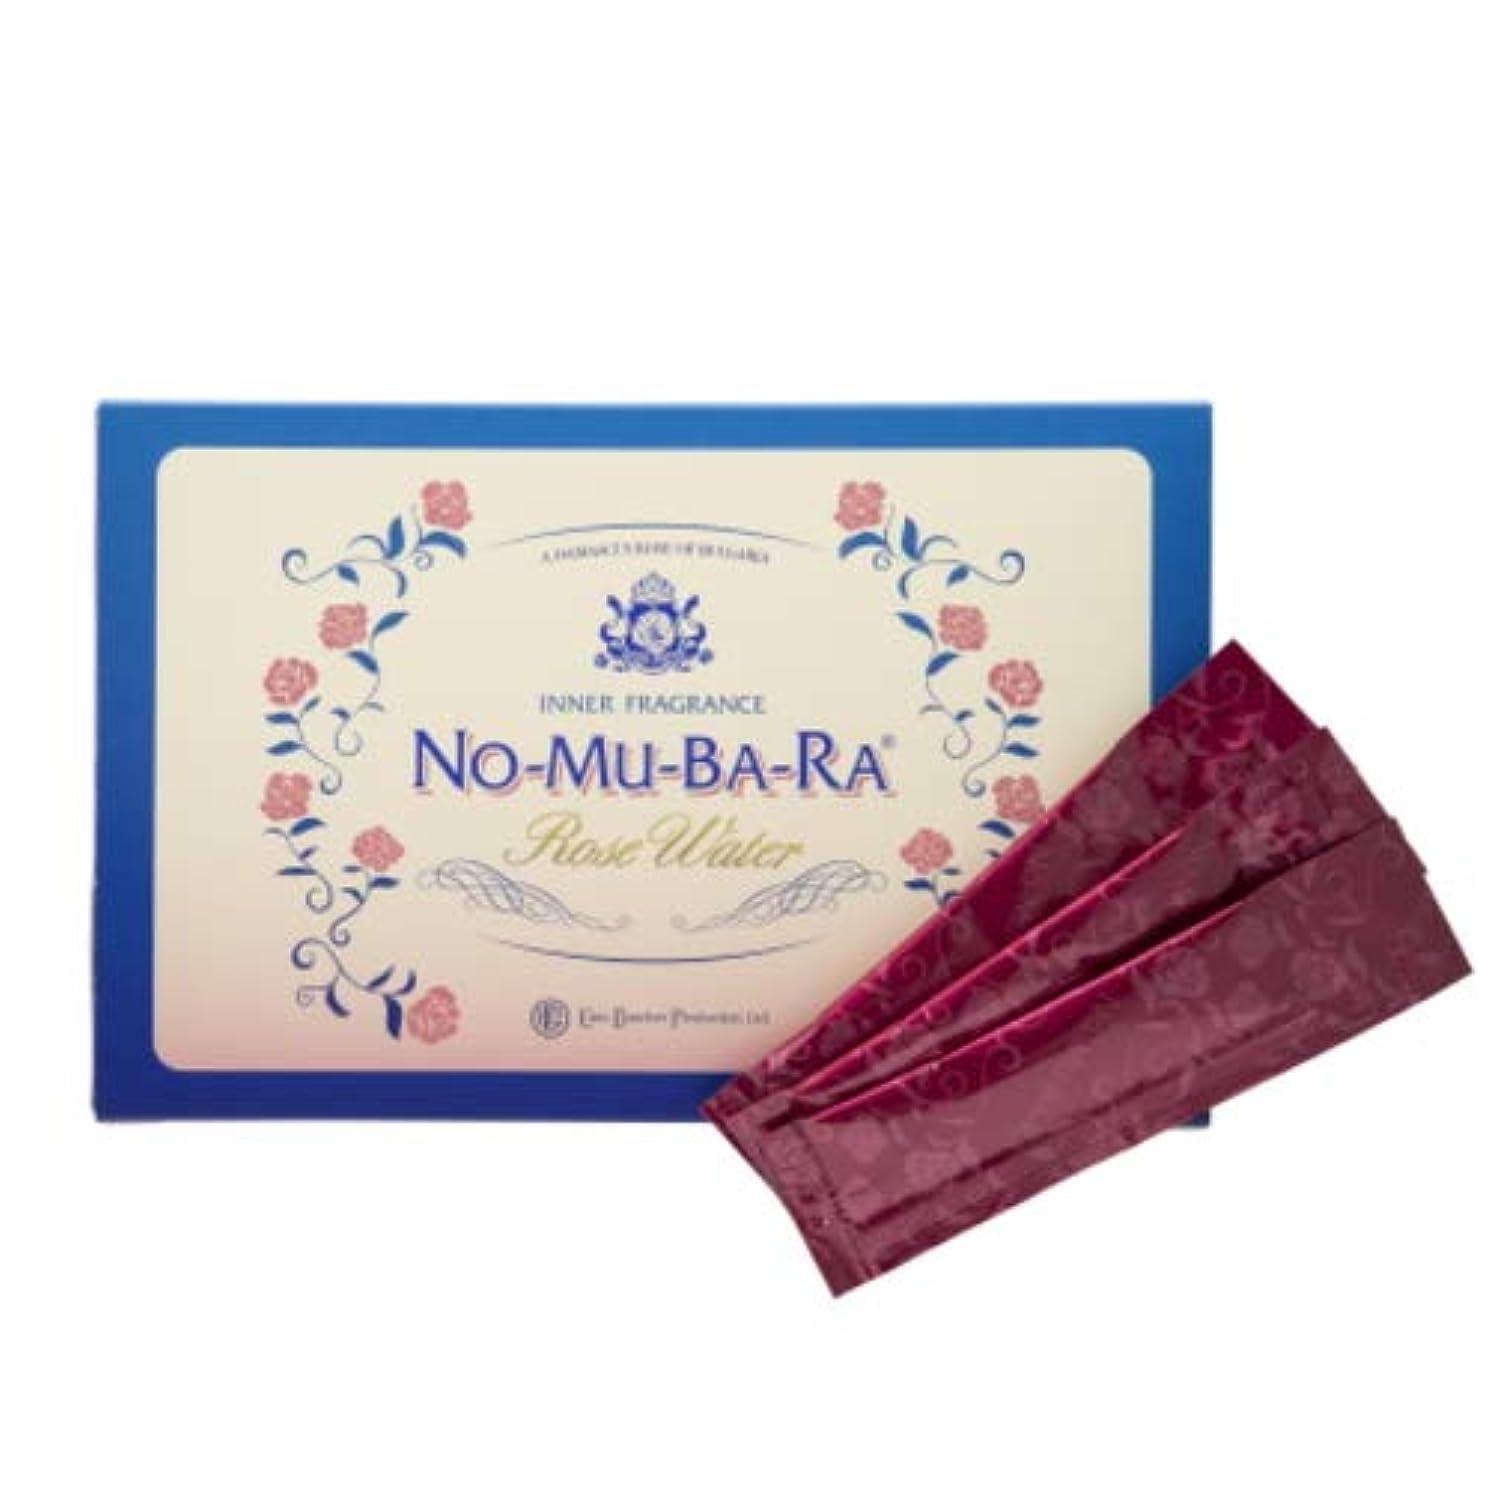 公平な買う提唱するNO-MU-BA-RA NO-MU-BA-RA(ノムバラ)(35包入)【モンドセレクション受賞】